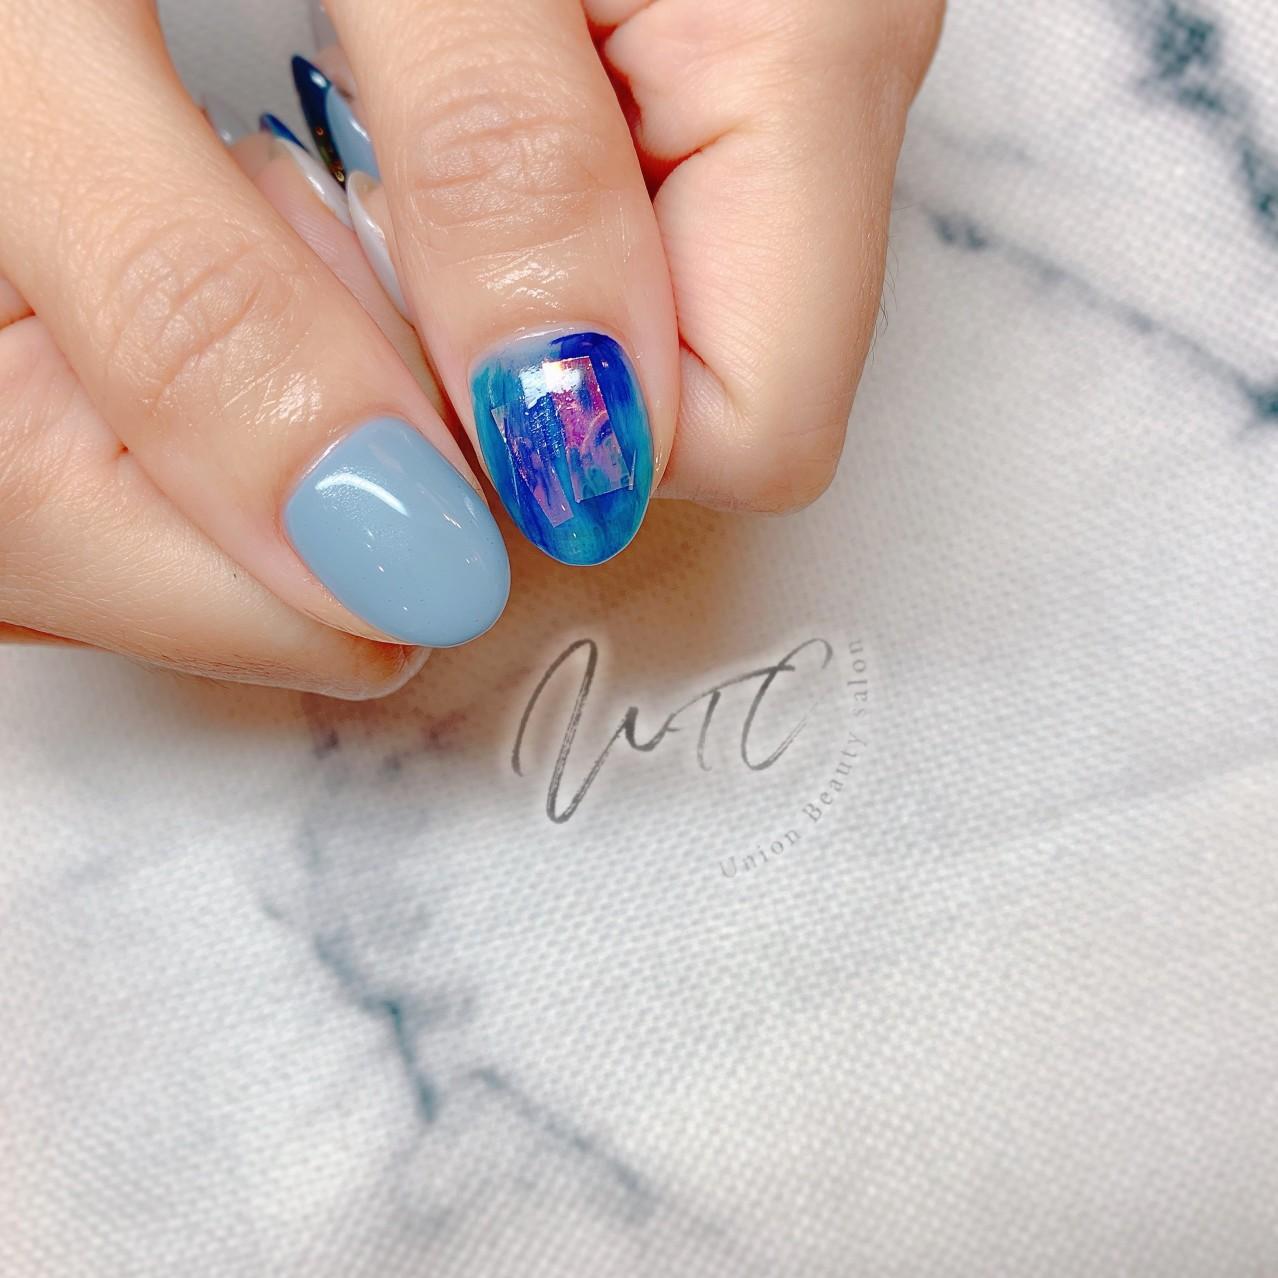 藍色玻璃紙